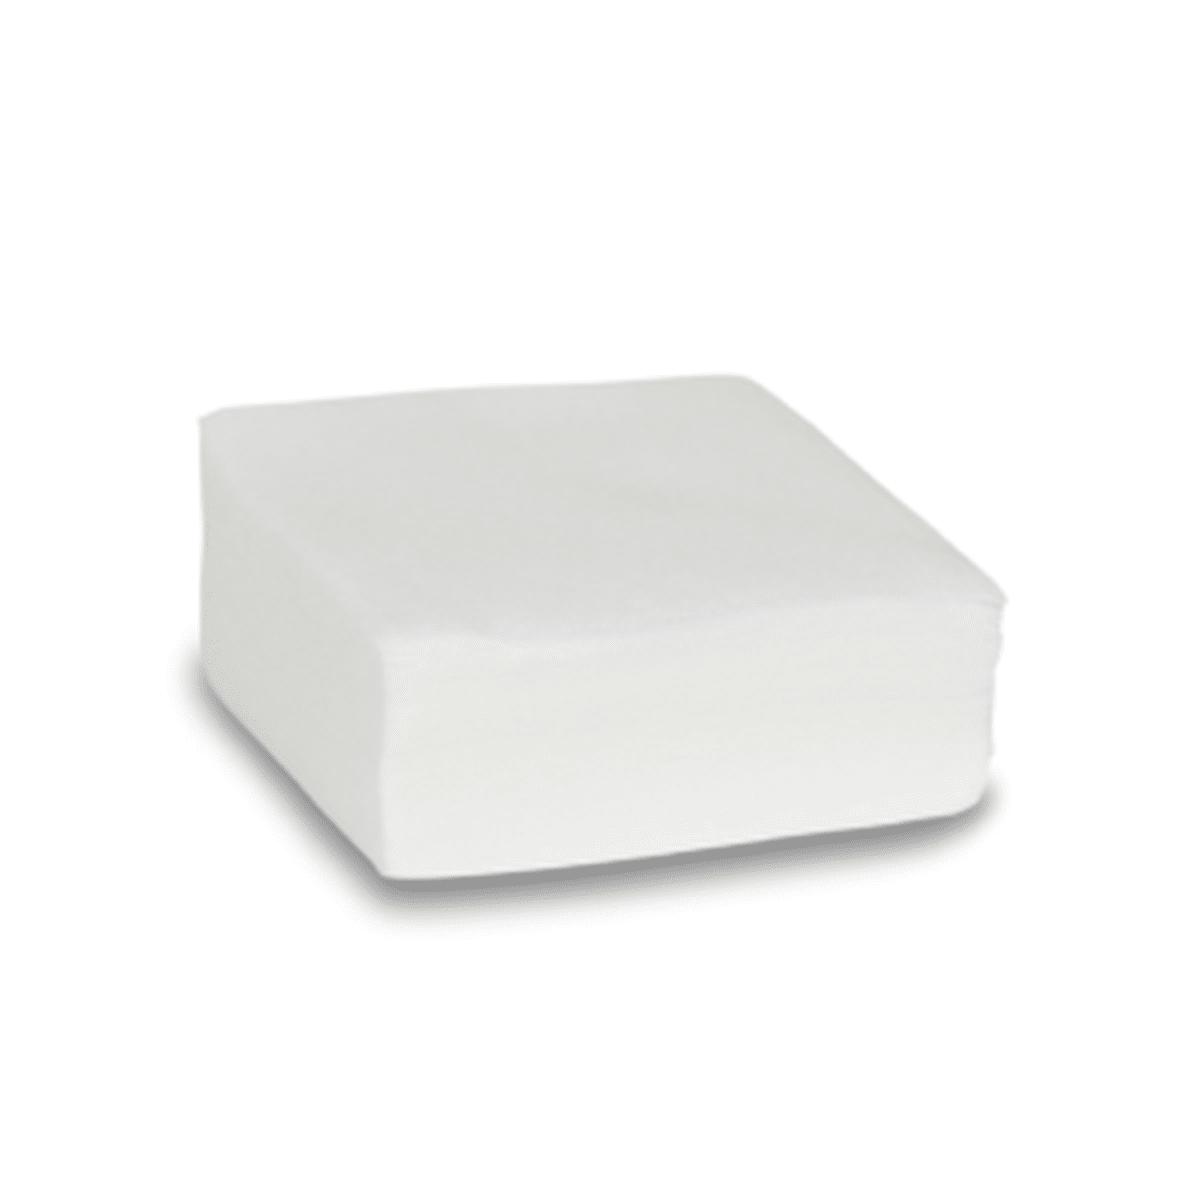 Салфетка 5/5 см, спанлейс, 40г/м2 в пачке Beautyline